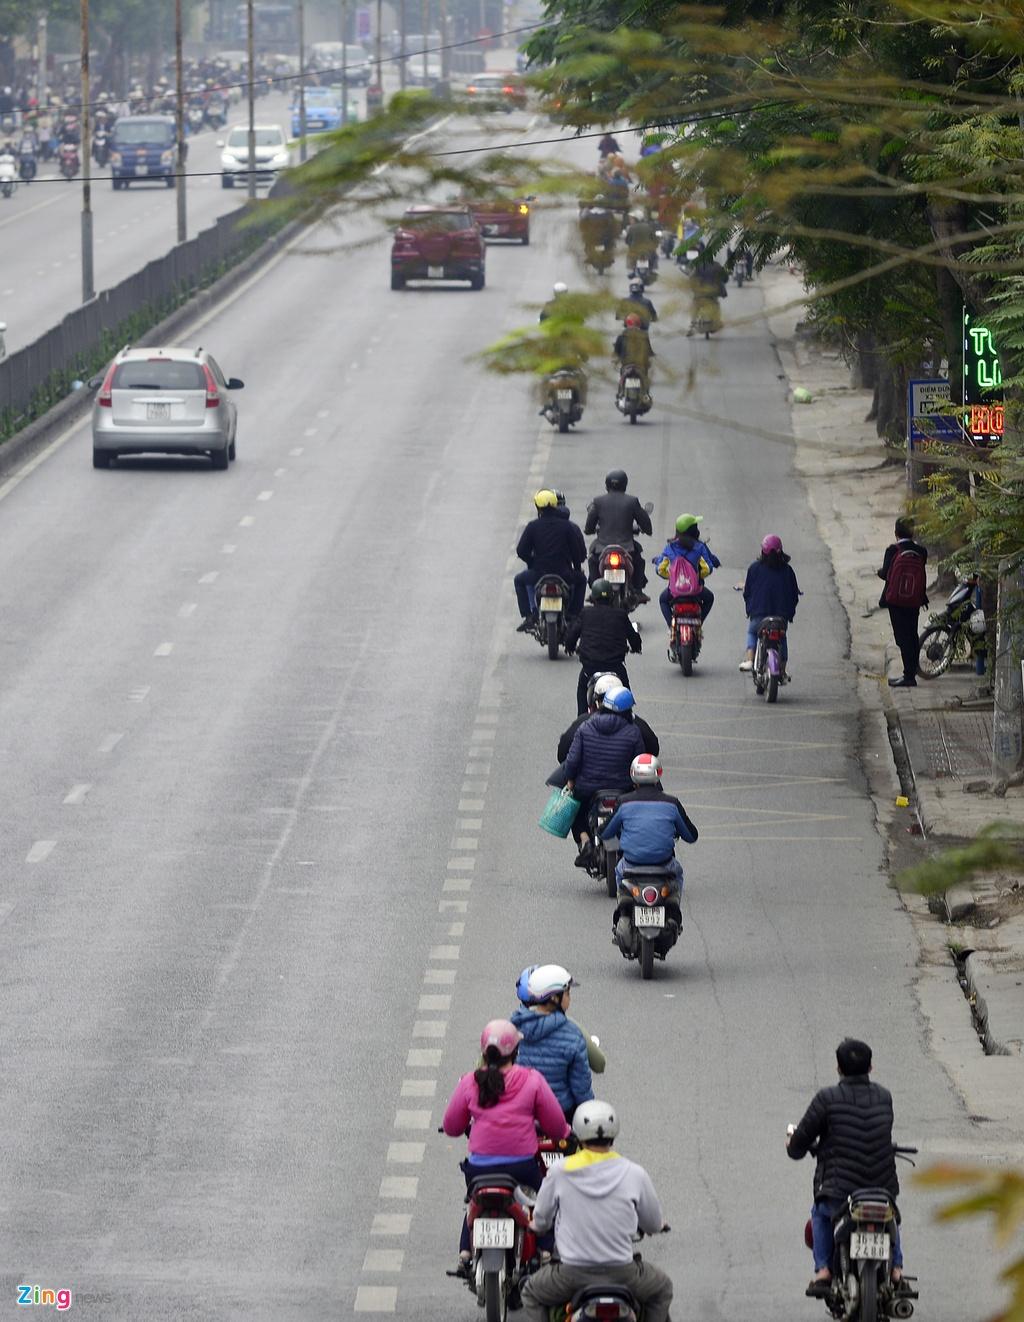 Tuyen duong nguoi di xe chap hanh nhat Hai Phong anh 7